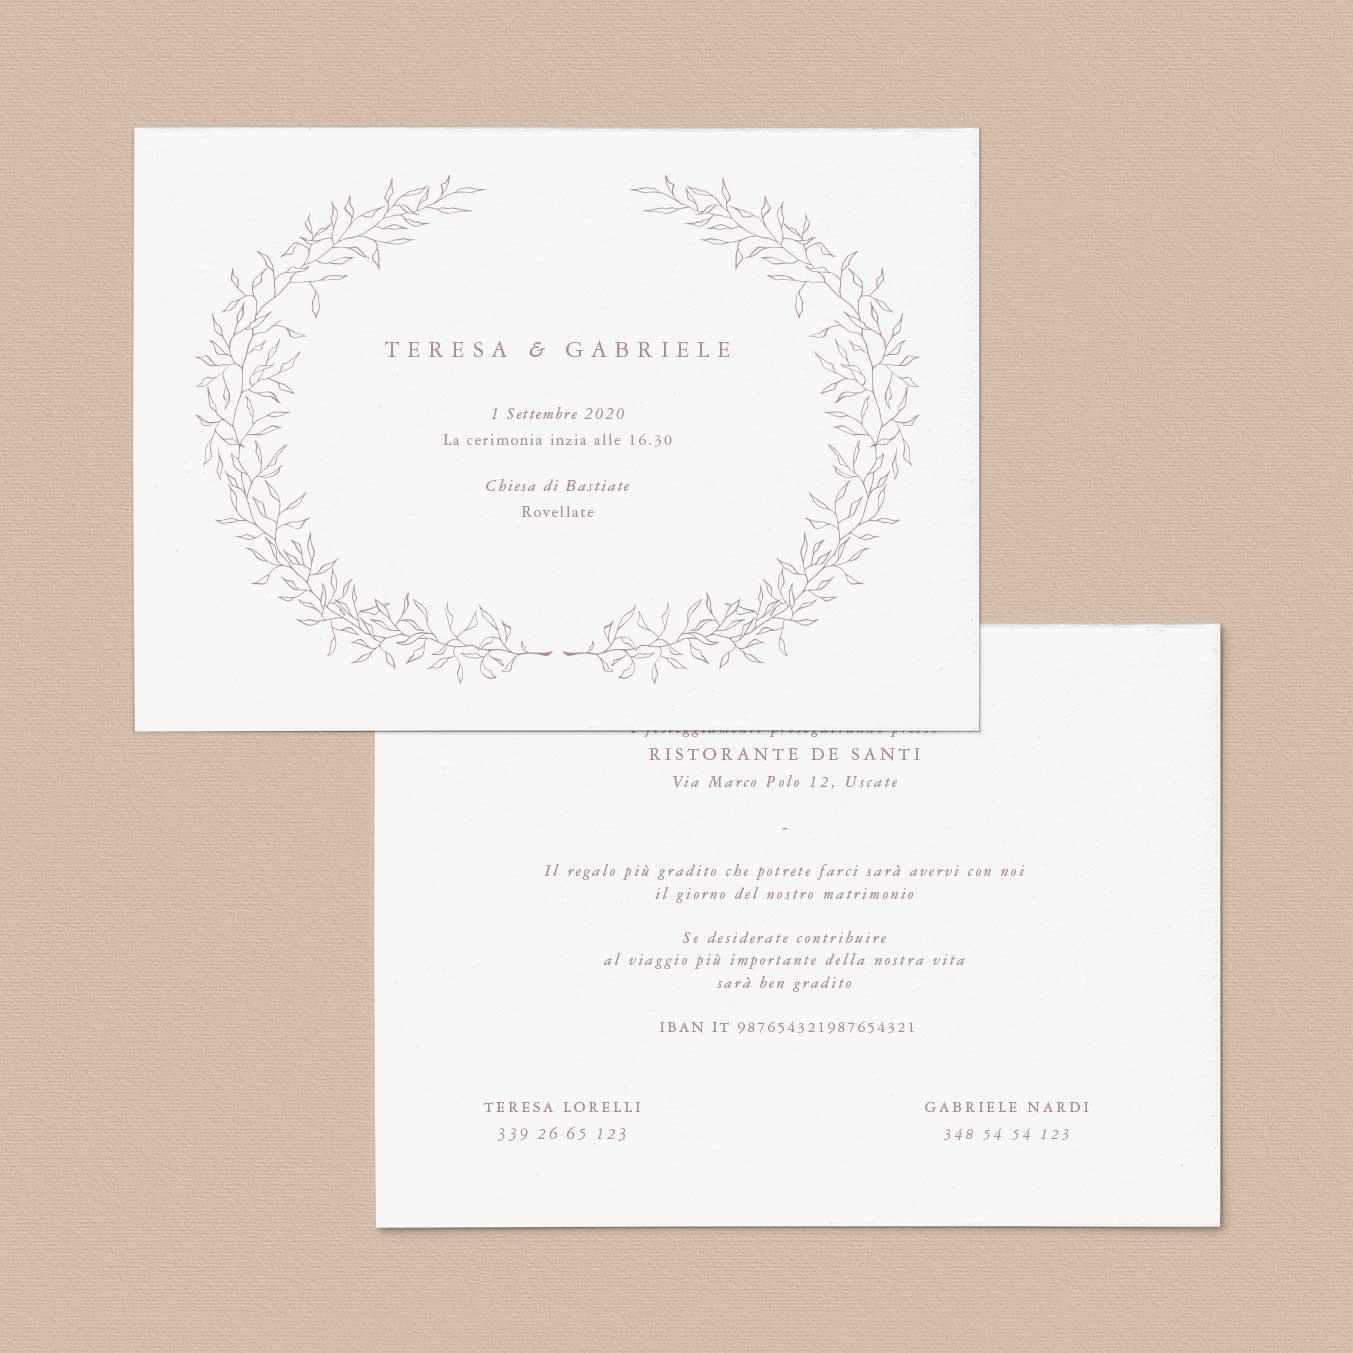 Partecipazioni-matrimonio-inviti-nozze-orizzontale-fiori-fiore-flower-ghirlanda-fiore-tema-natura-chic-green-rustico-rustic